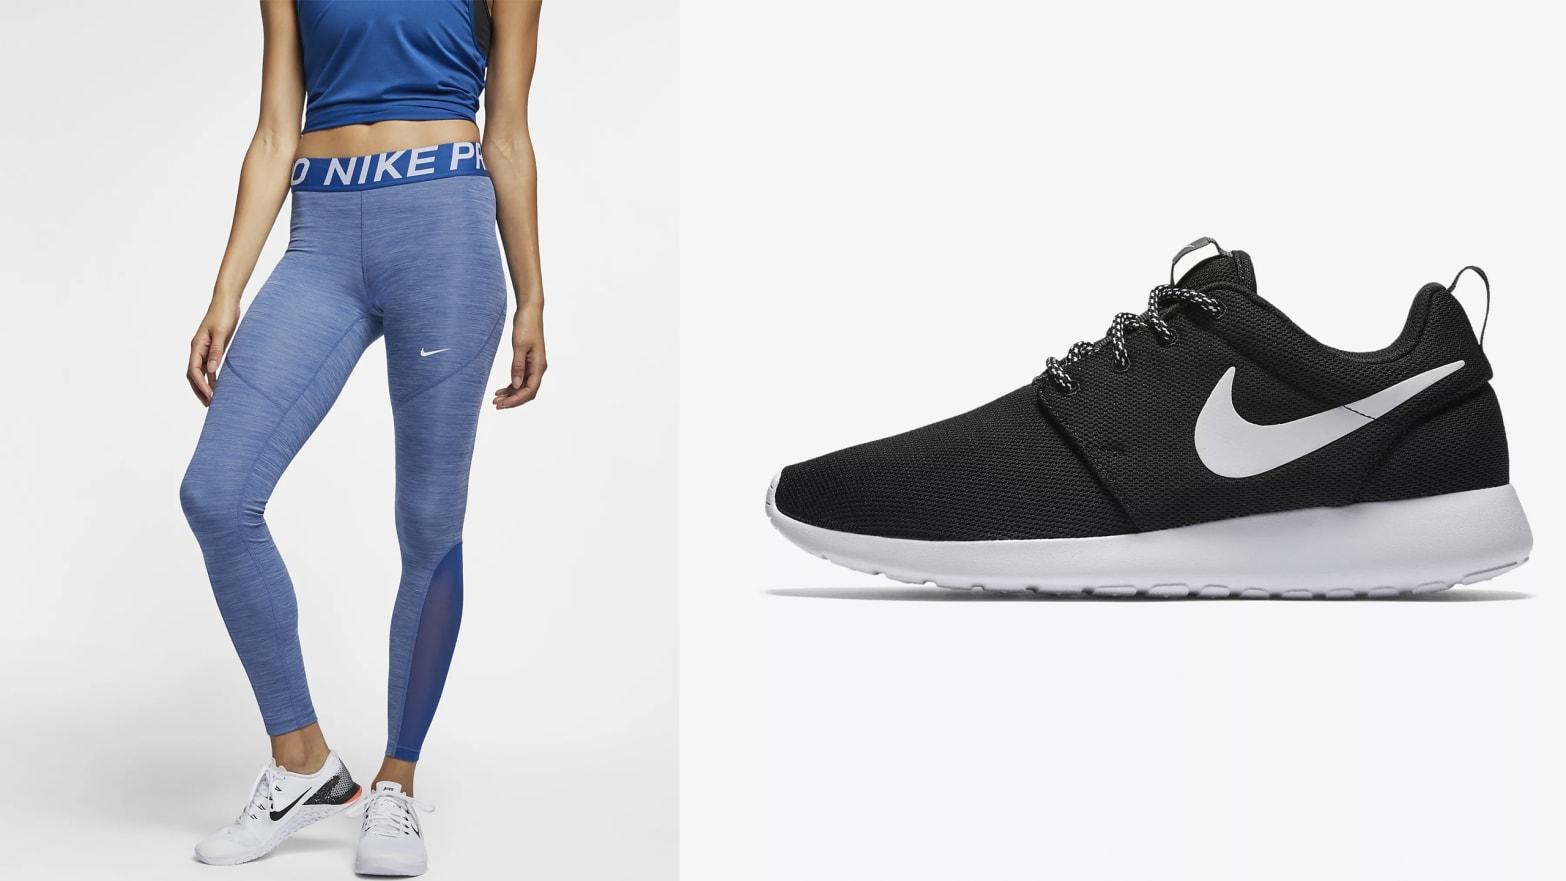 Cambio Hamburguesa Cocinando  Shop the Nike Extra 25% Off Sale